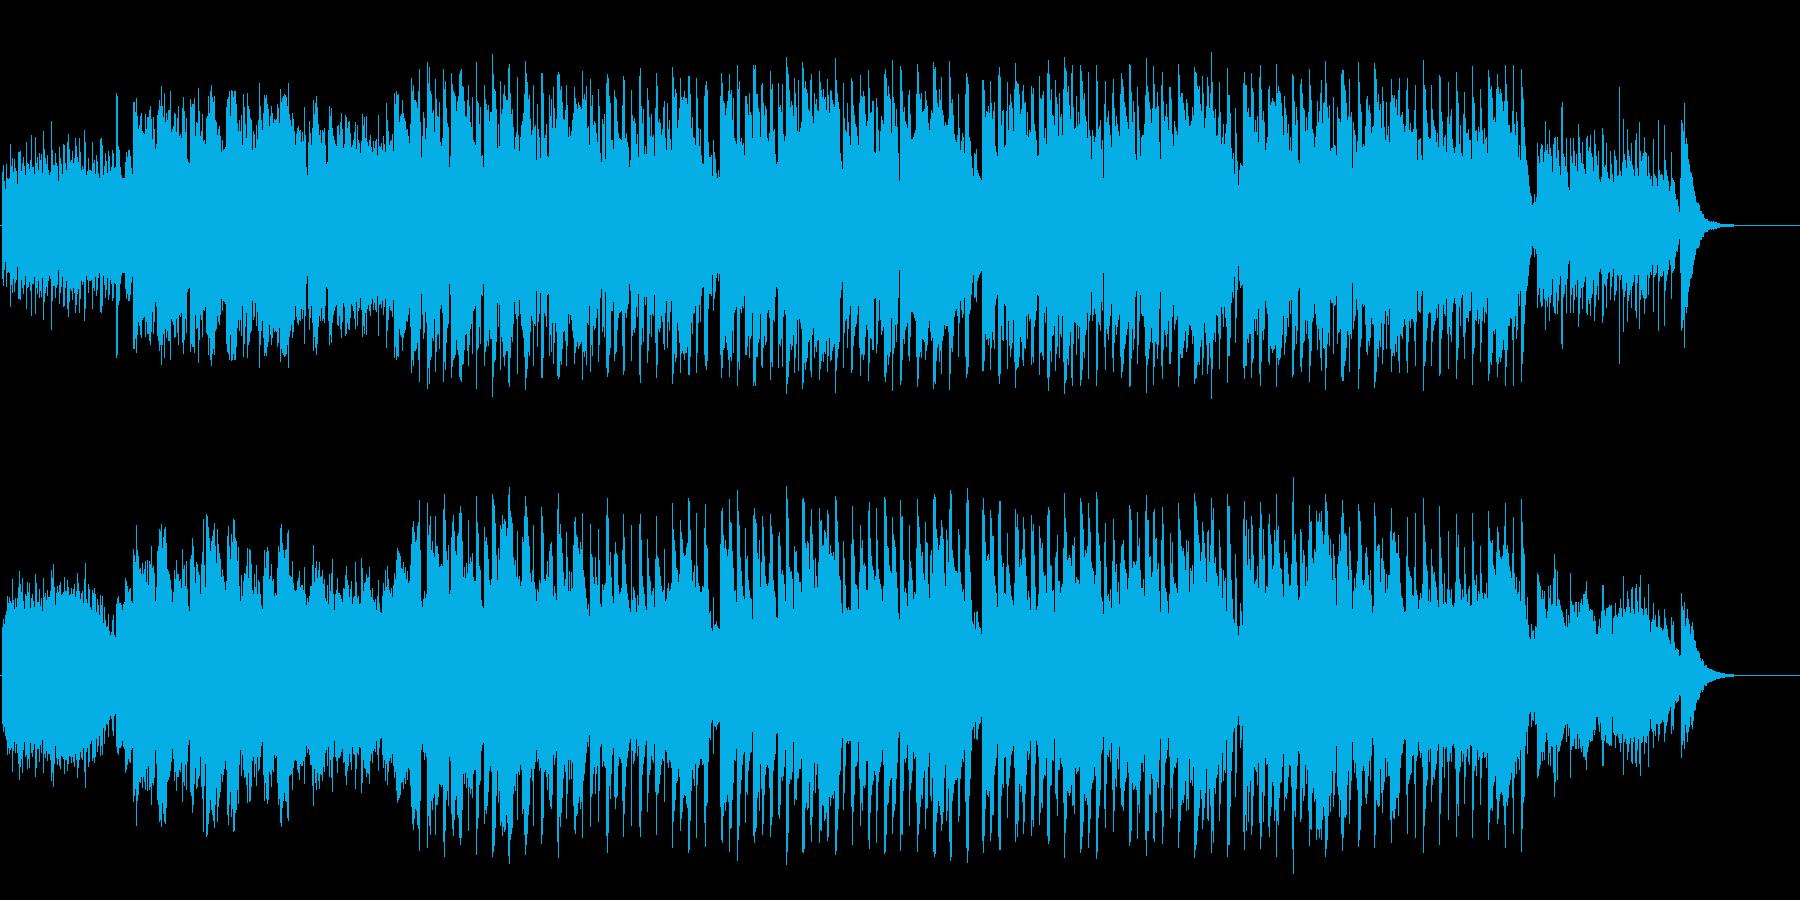 メルヘンなブライダル風セミクラシックの再生済みの波形